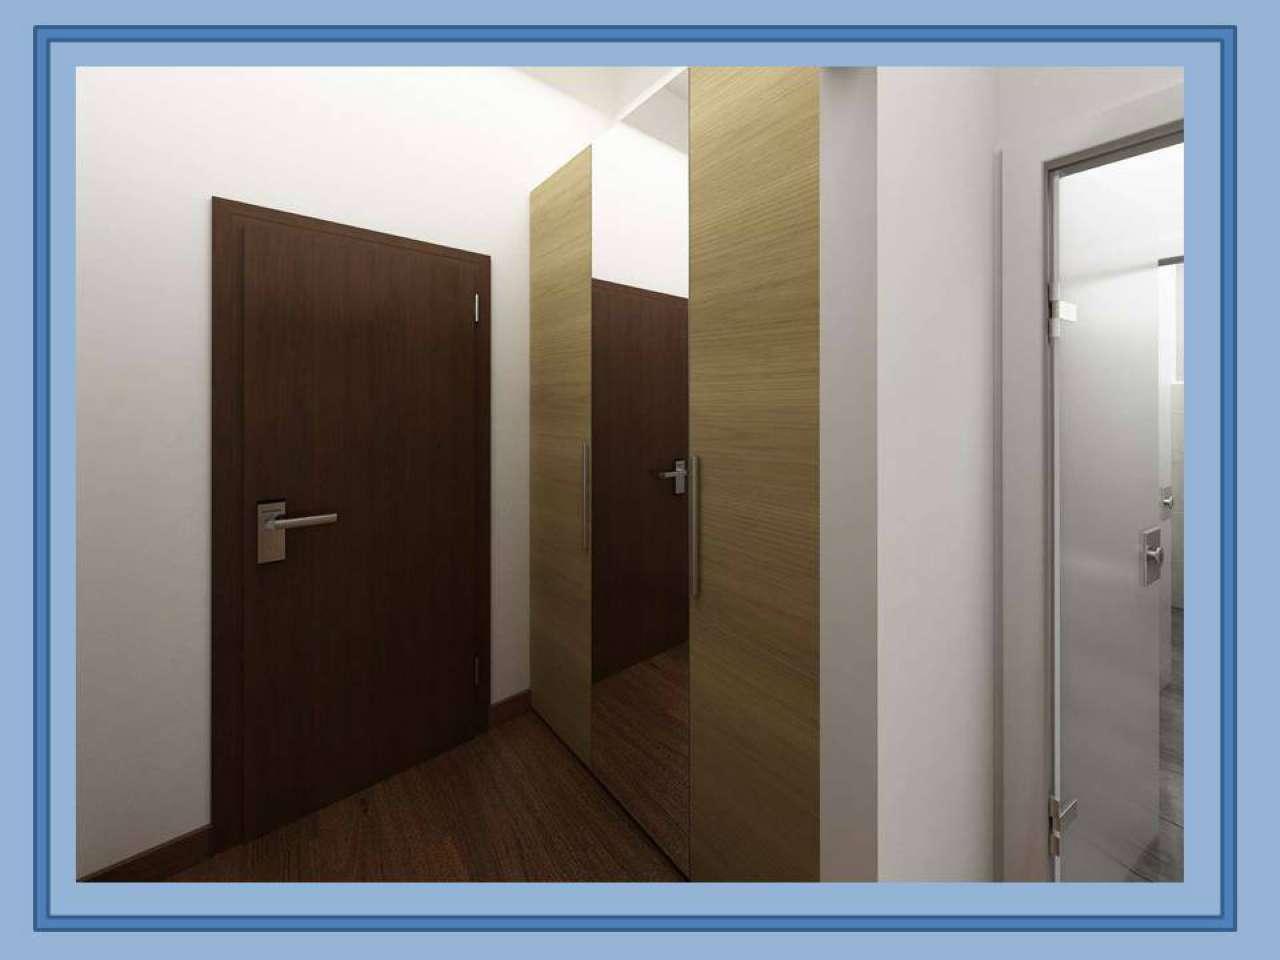 Appartamento in Vendita a Milano 20 Bicocca / Crescenzago / Cimiano:  2 locali, 76 mq  - Foto 1